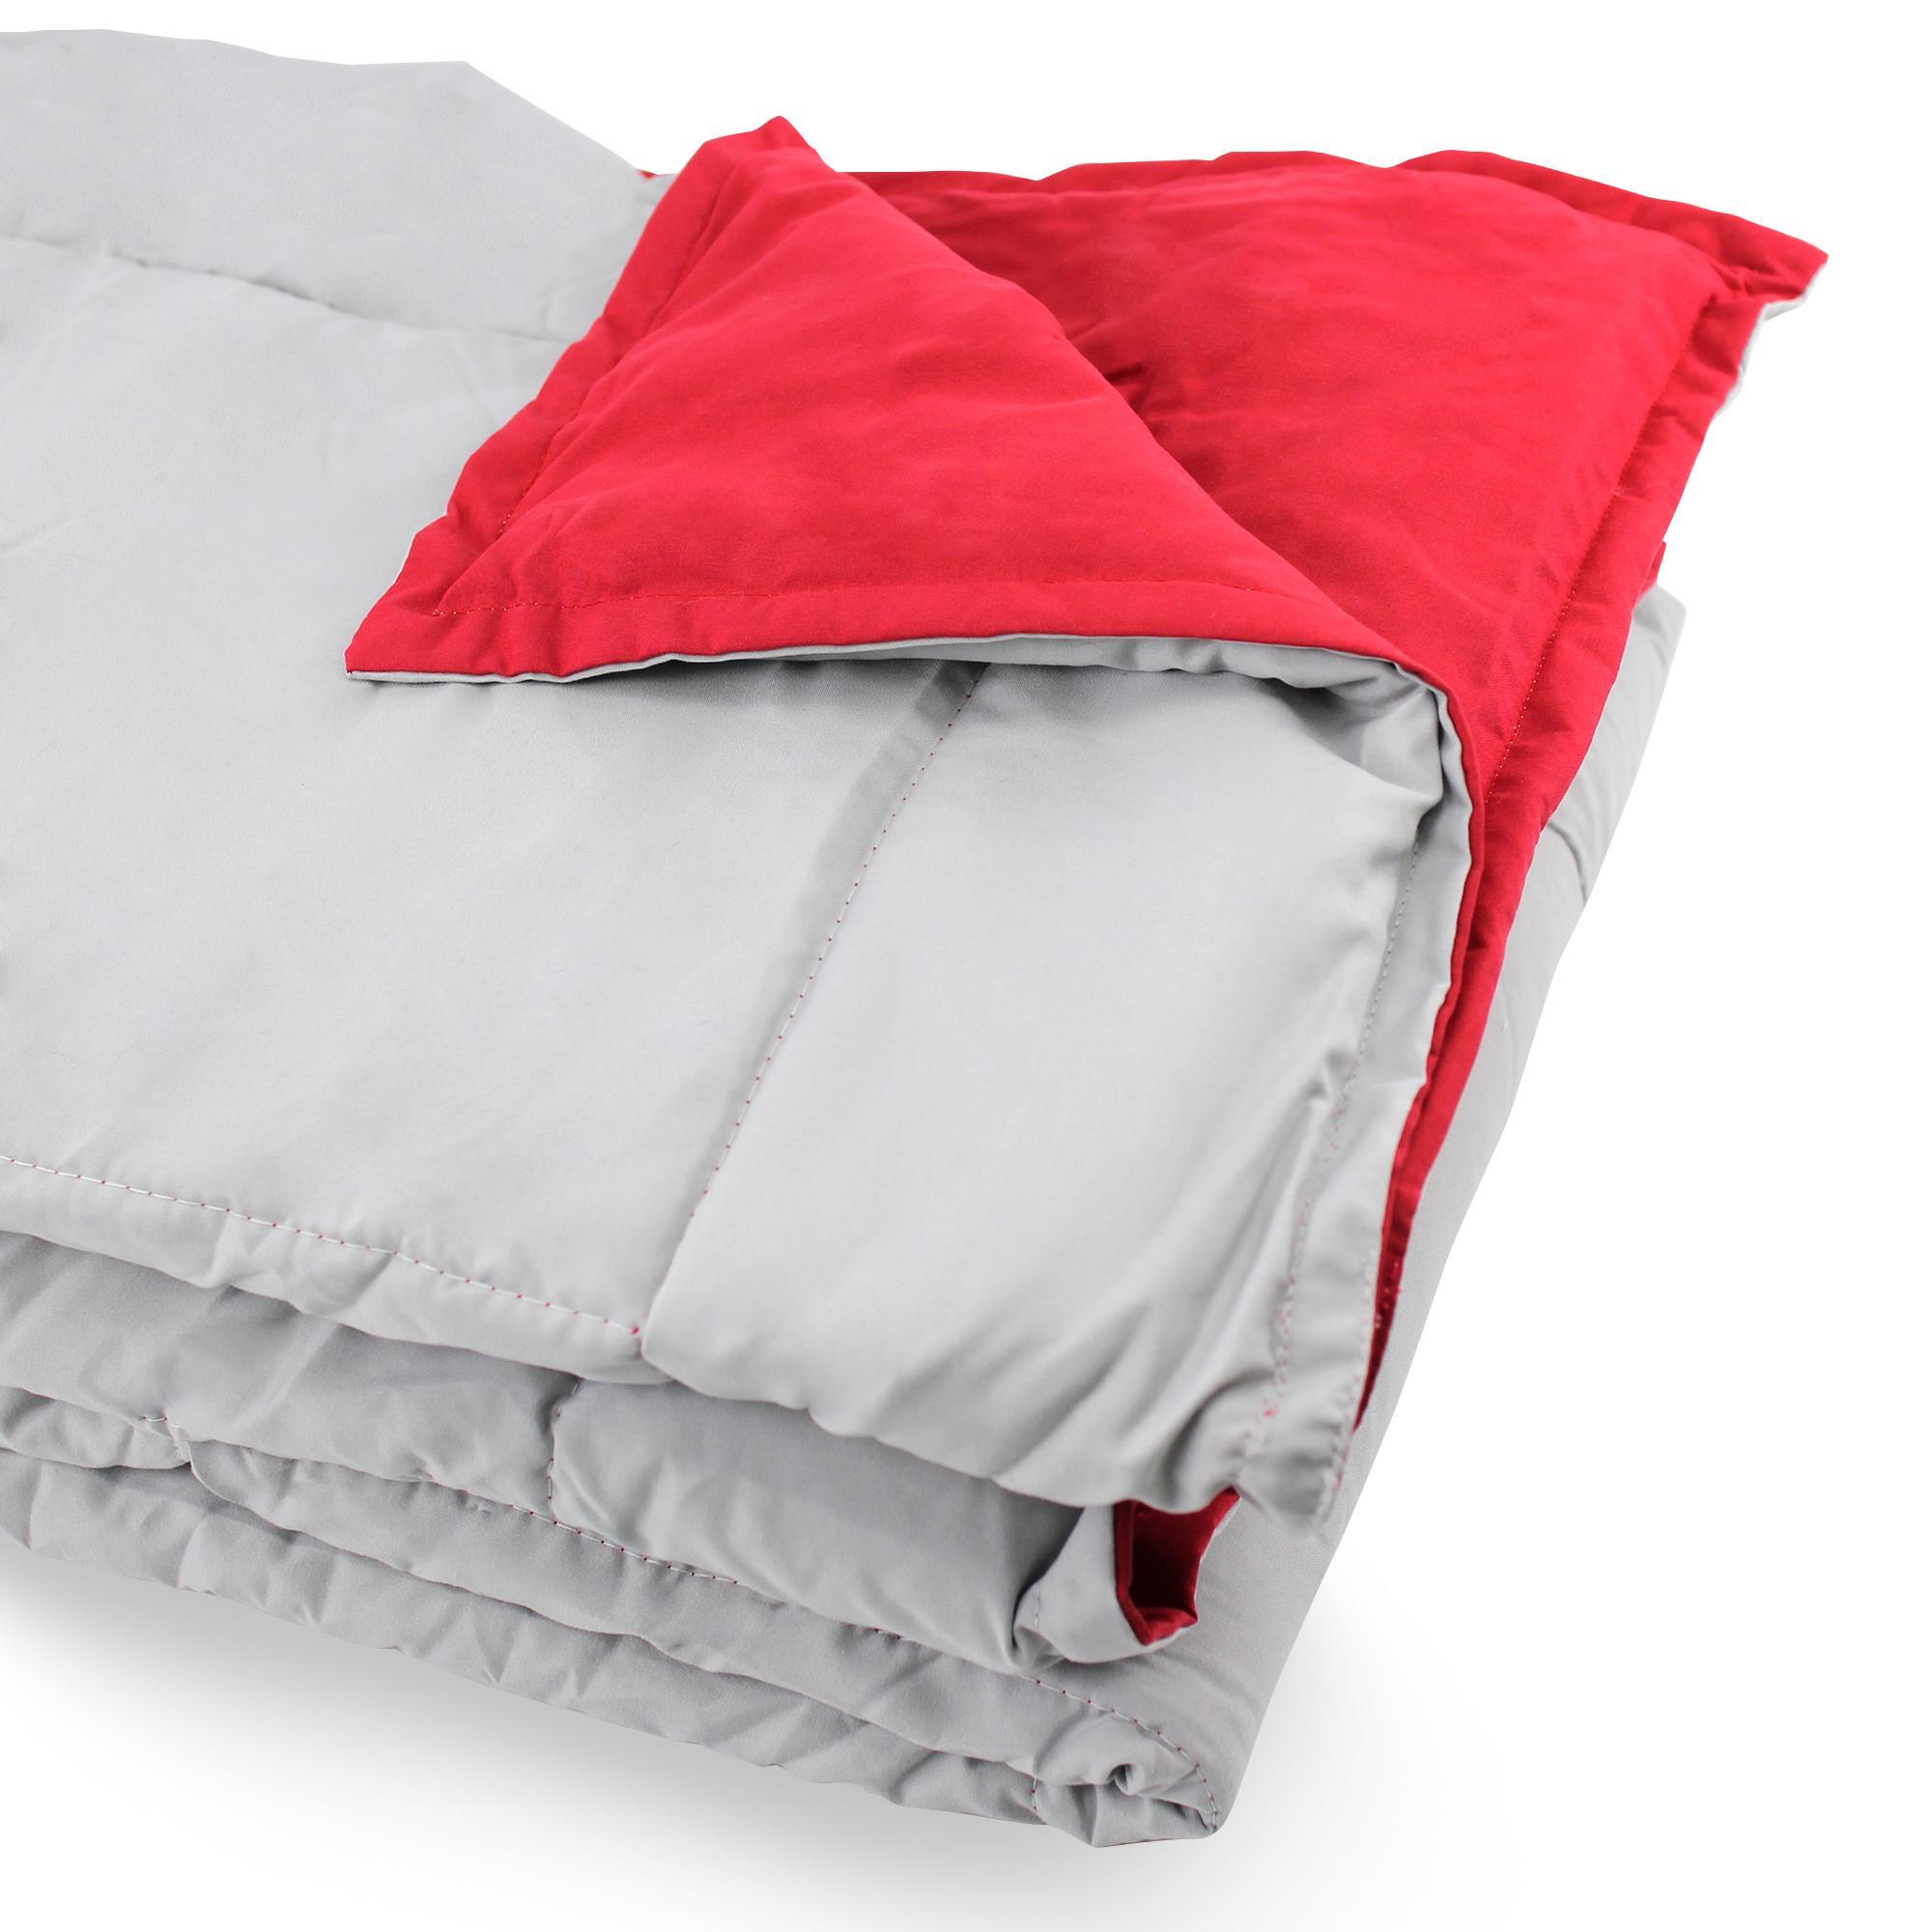 dessus de lit bicolore frisbee 220x240 cm perle groseille linnea linge de maison et. Black Bedroom Furniture Sets. Home Design Ideas